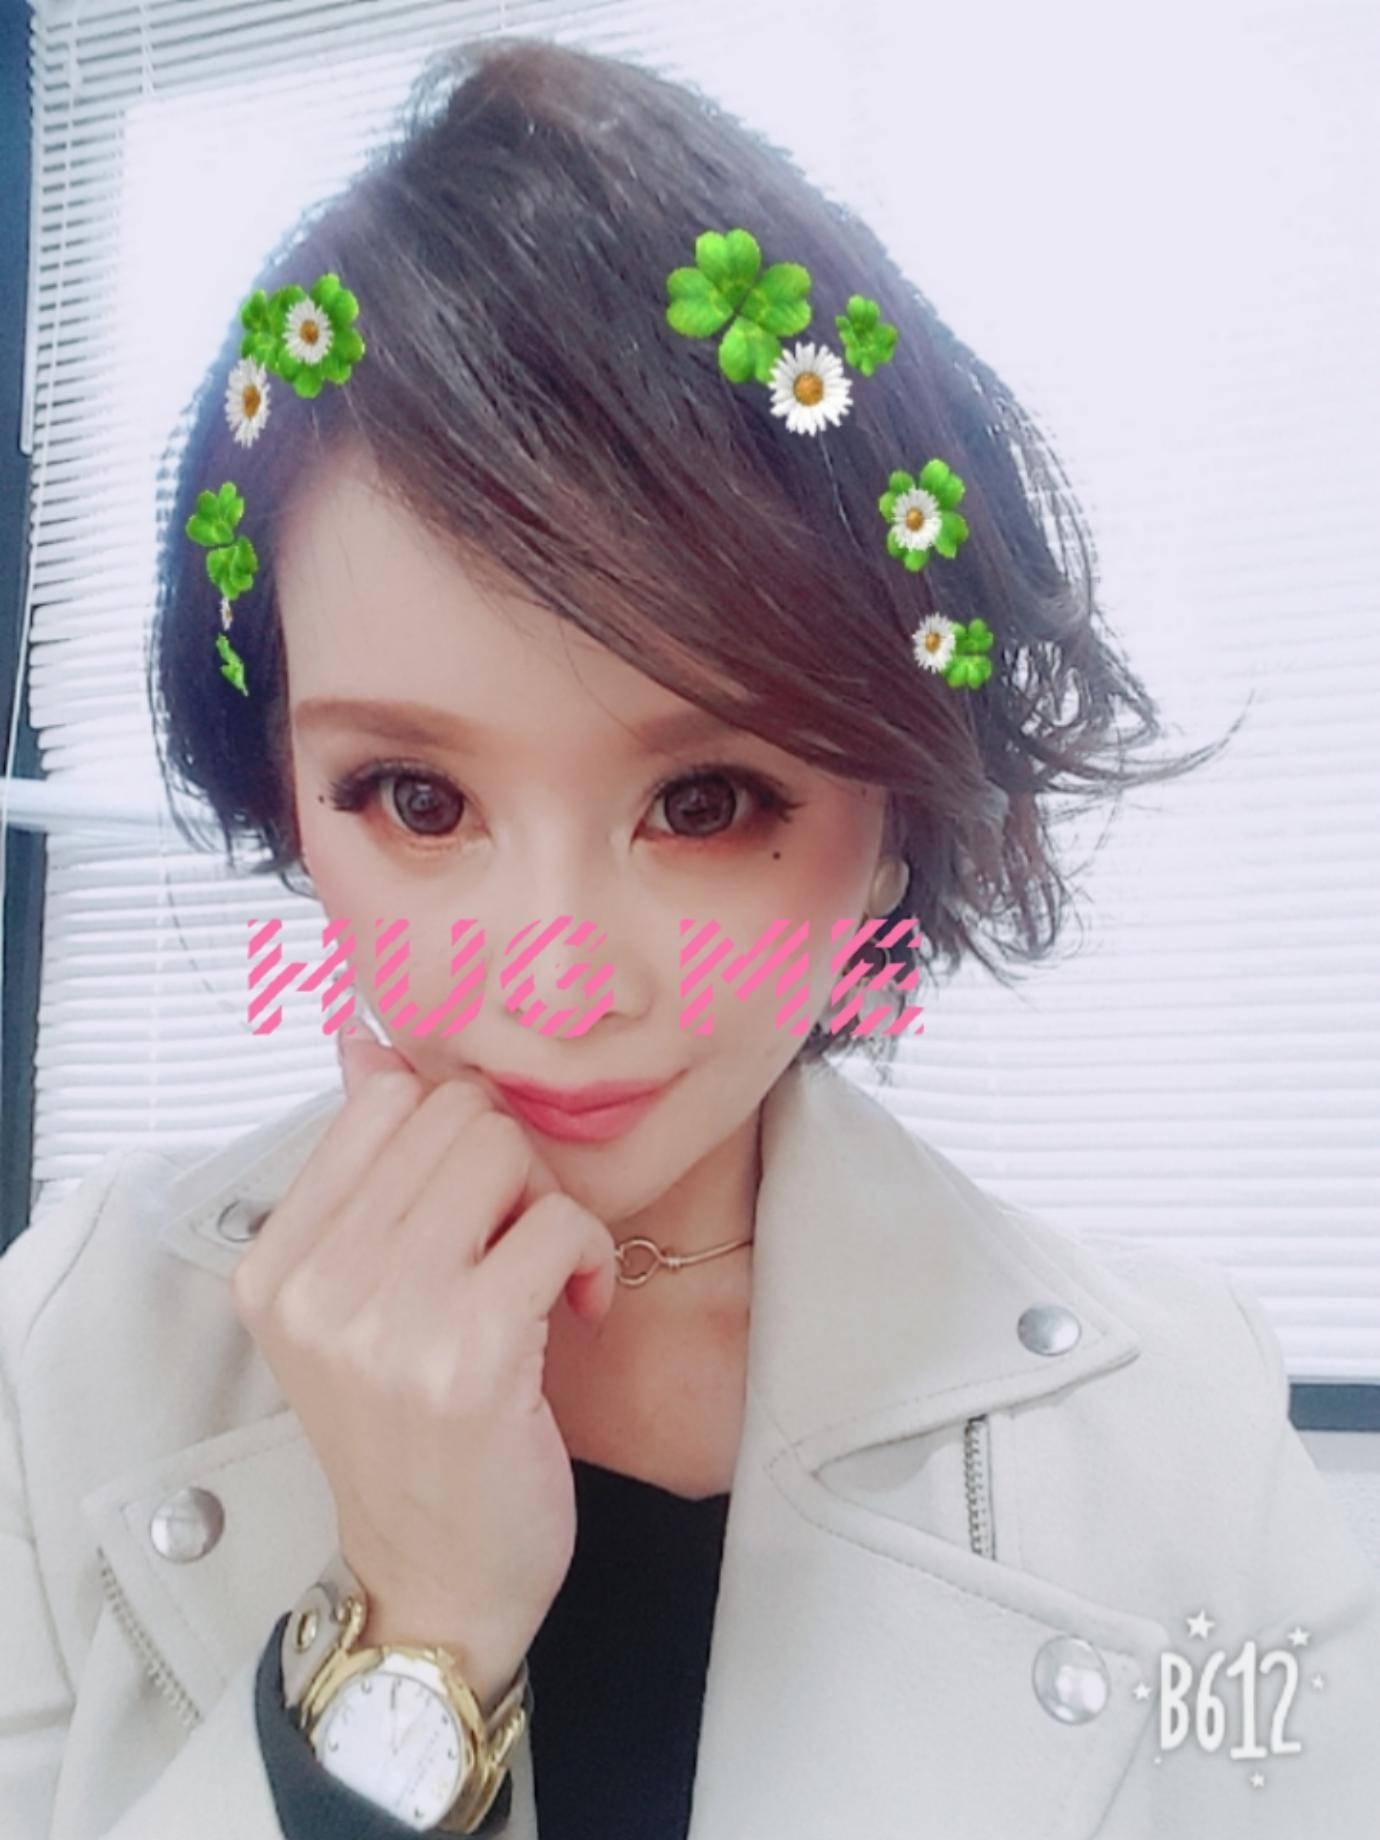 えりか「到着〜♡」10/23(火) 11:59 | えりかの写メ・風俗動画